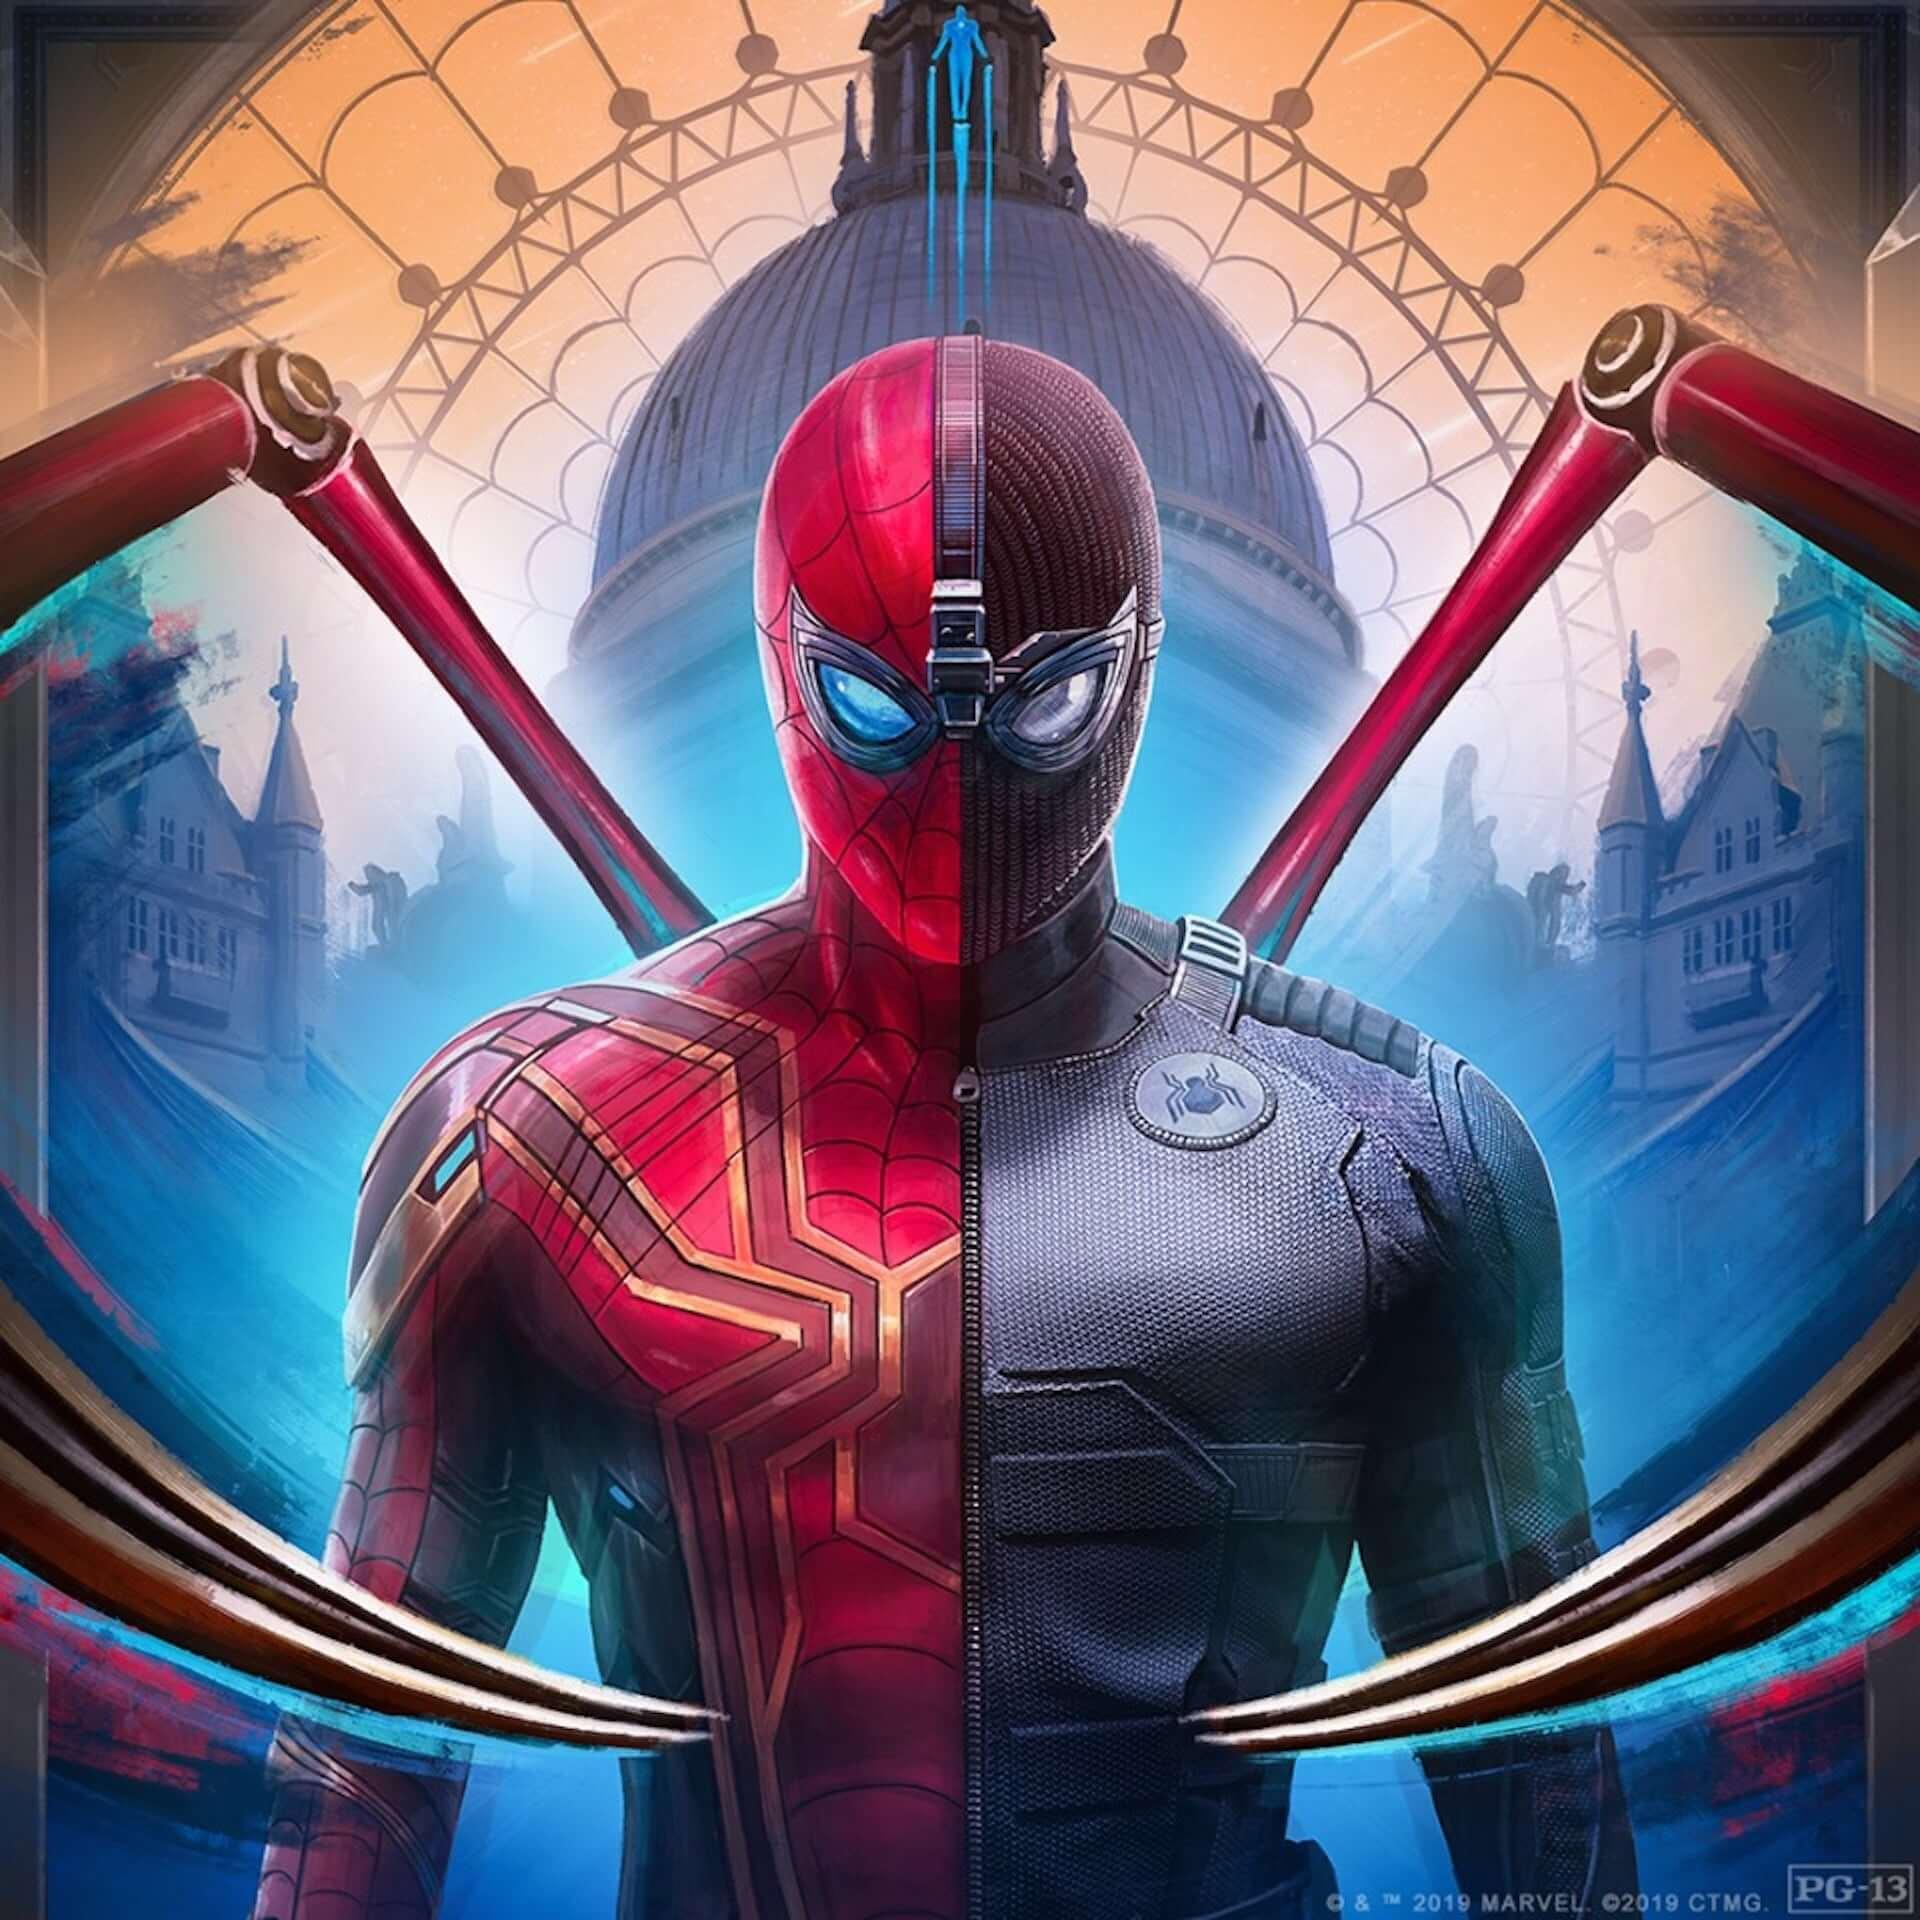 『スパイダーマン:ファー・フロム・ホーム』拡大版に主演トム・ホランドは自信満々「これは見に行かなきゃ」 film190902_spiderman_tomholland_main-1920x1920